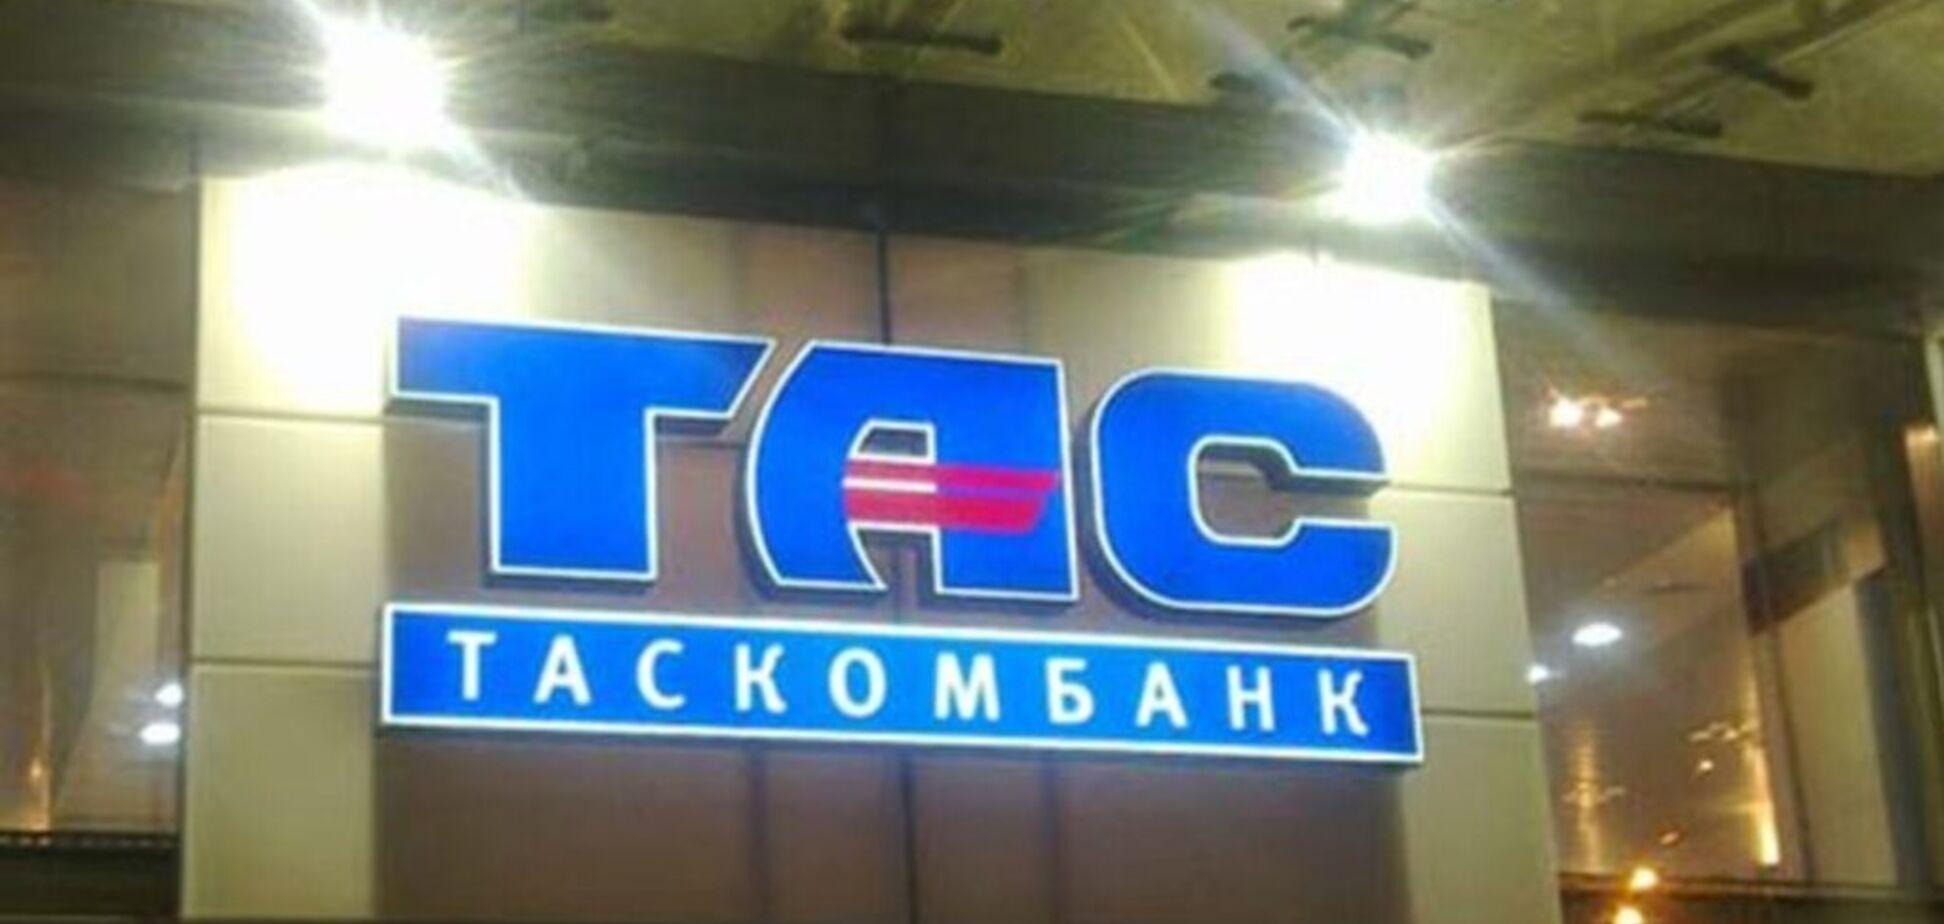 ТАС24 Бизнес выдал более 400 млн грн беззалоговых кредитов малому и среднему бизнесу